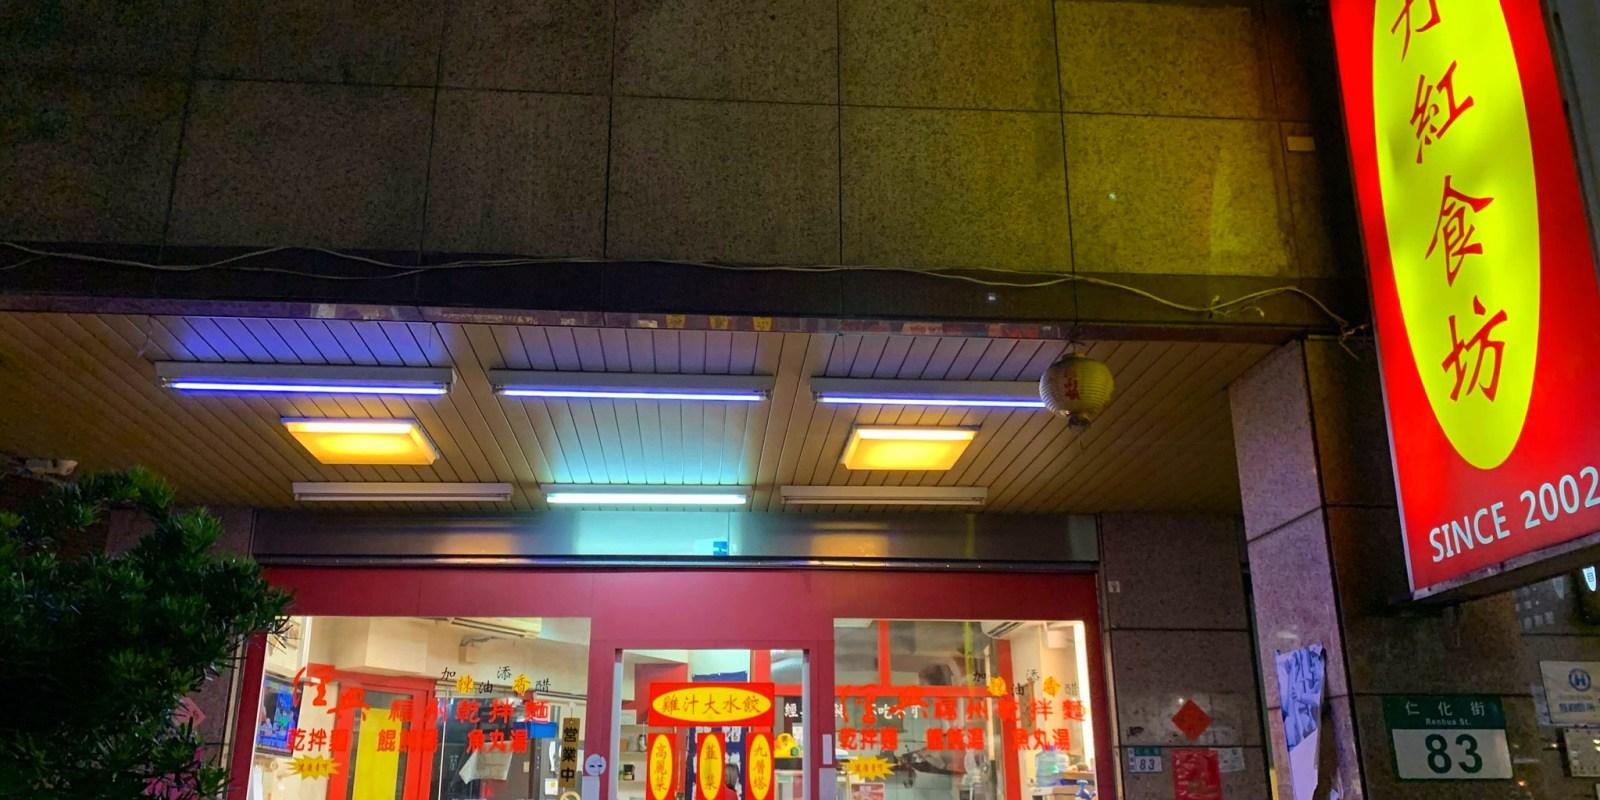 [新北美食] 丹紅食坊 - 超級大顆的雞汁水餃就隱藏在這家小吃店!